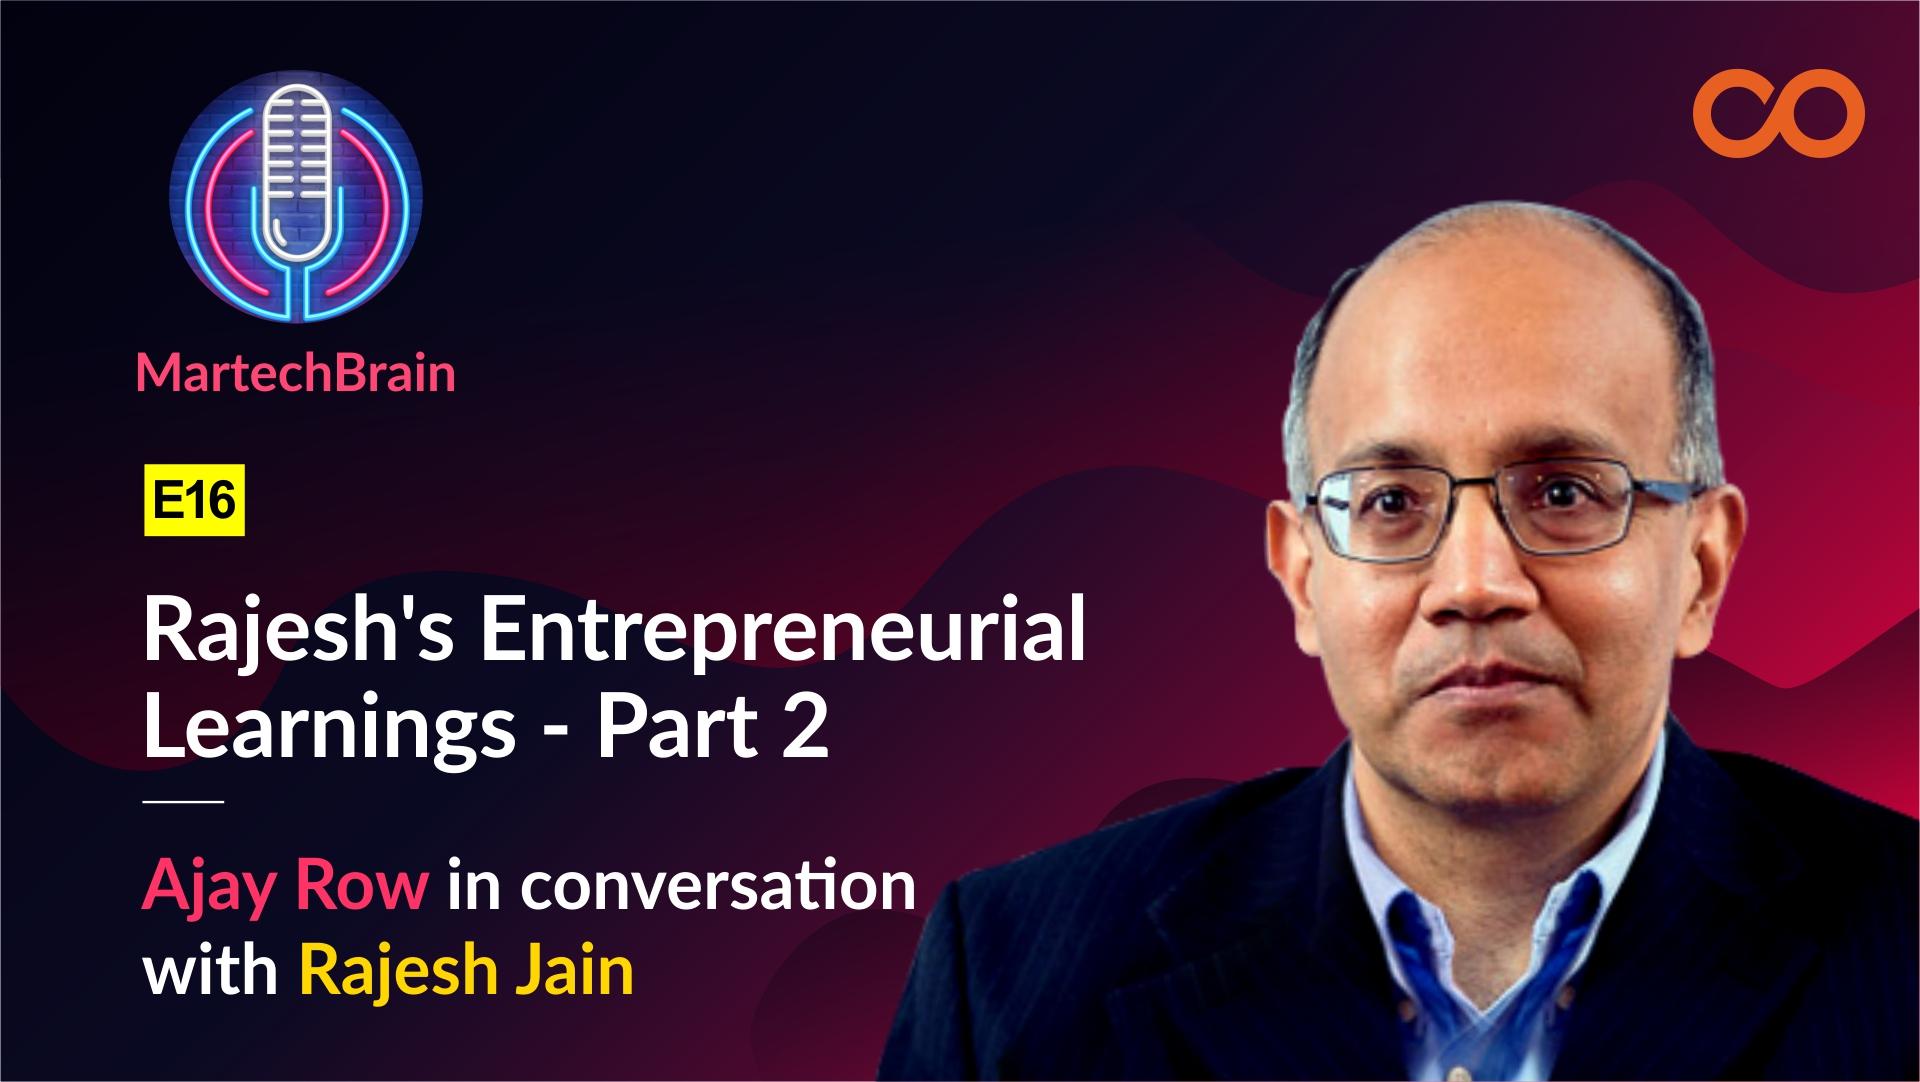 MartechBrain | E16 – Rajesh's Entrepreneurial Learnings – Part 2